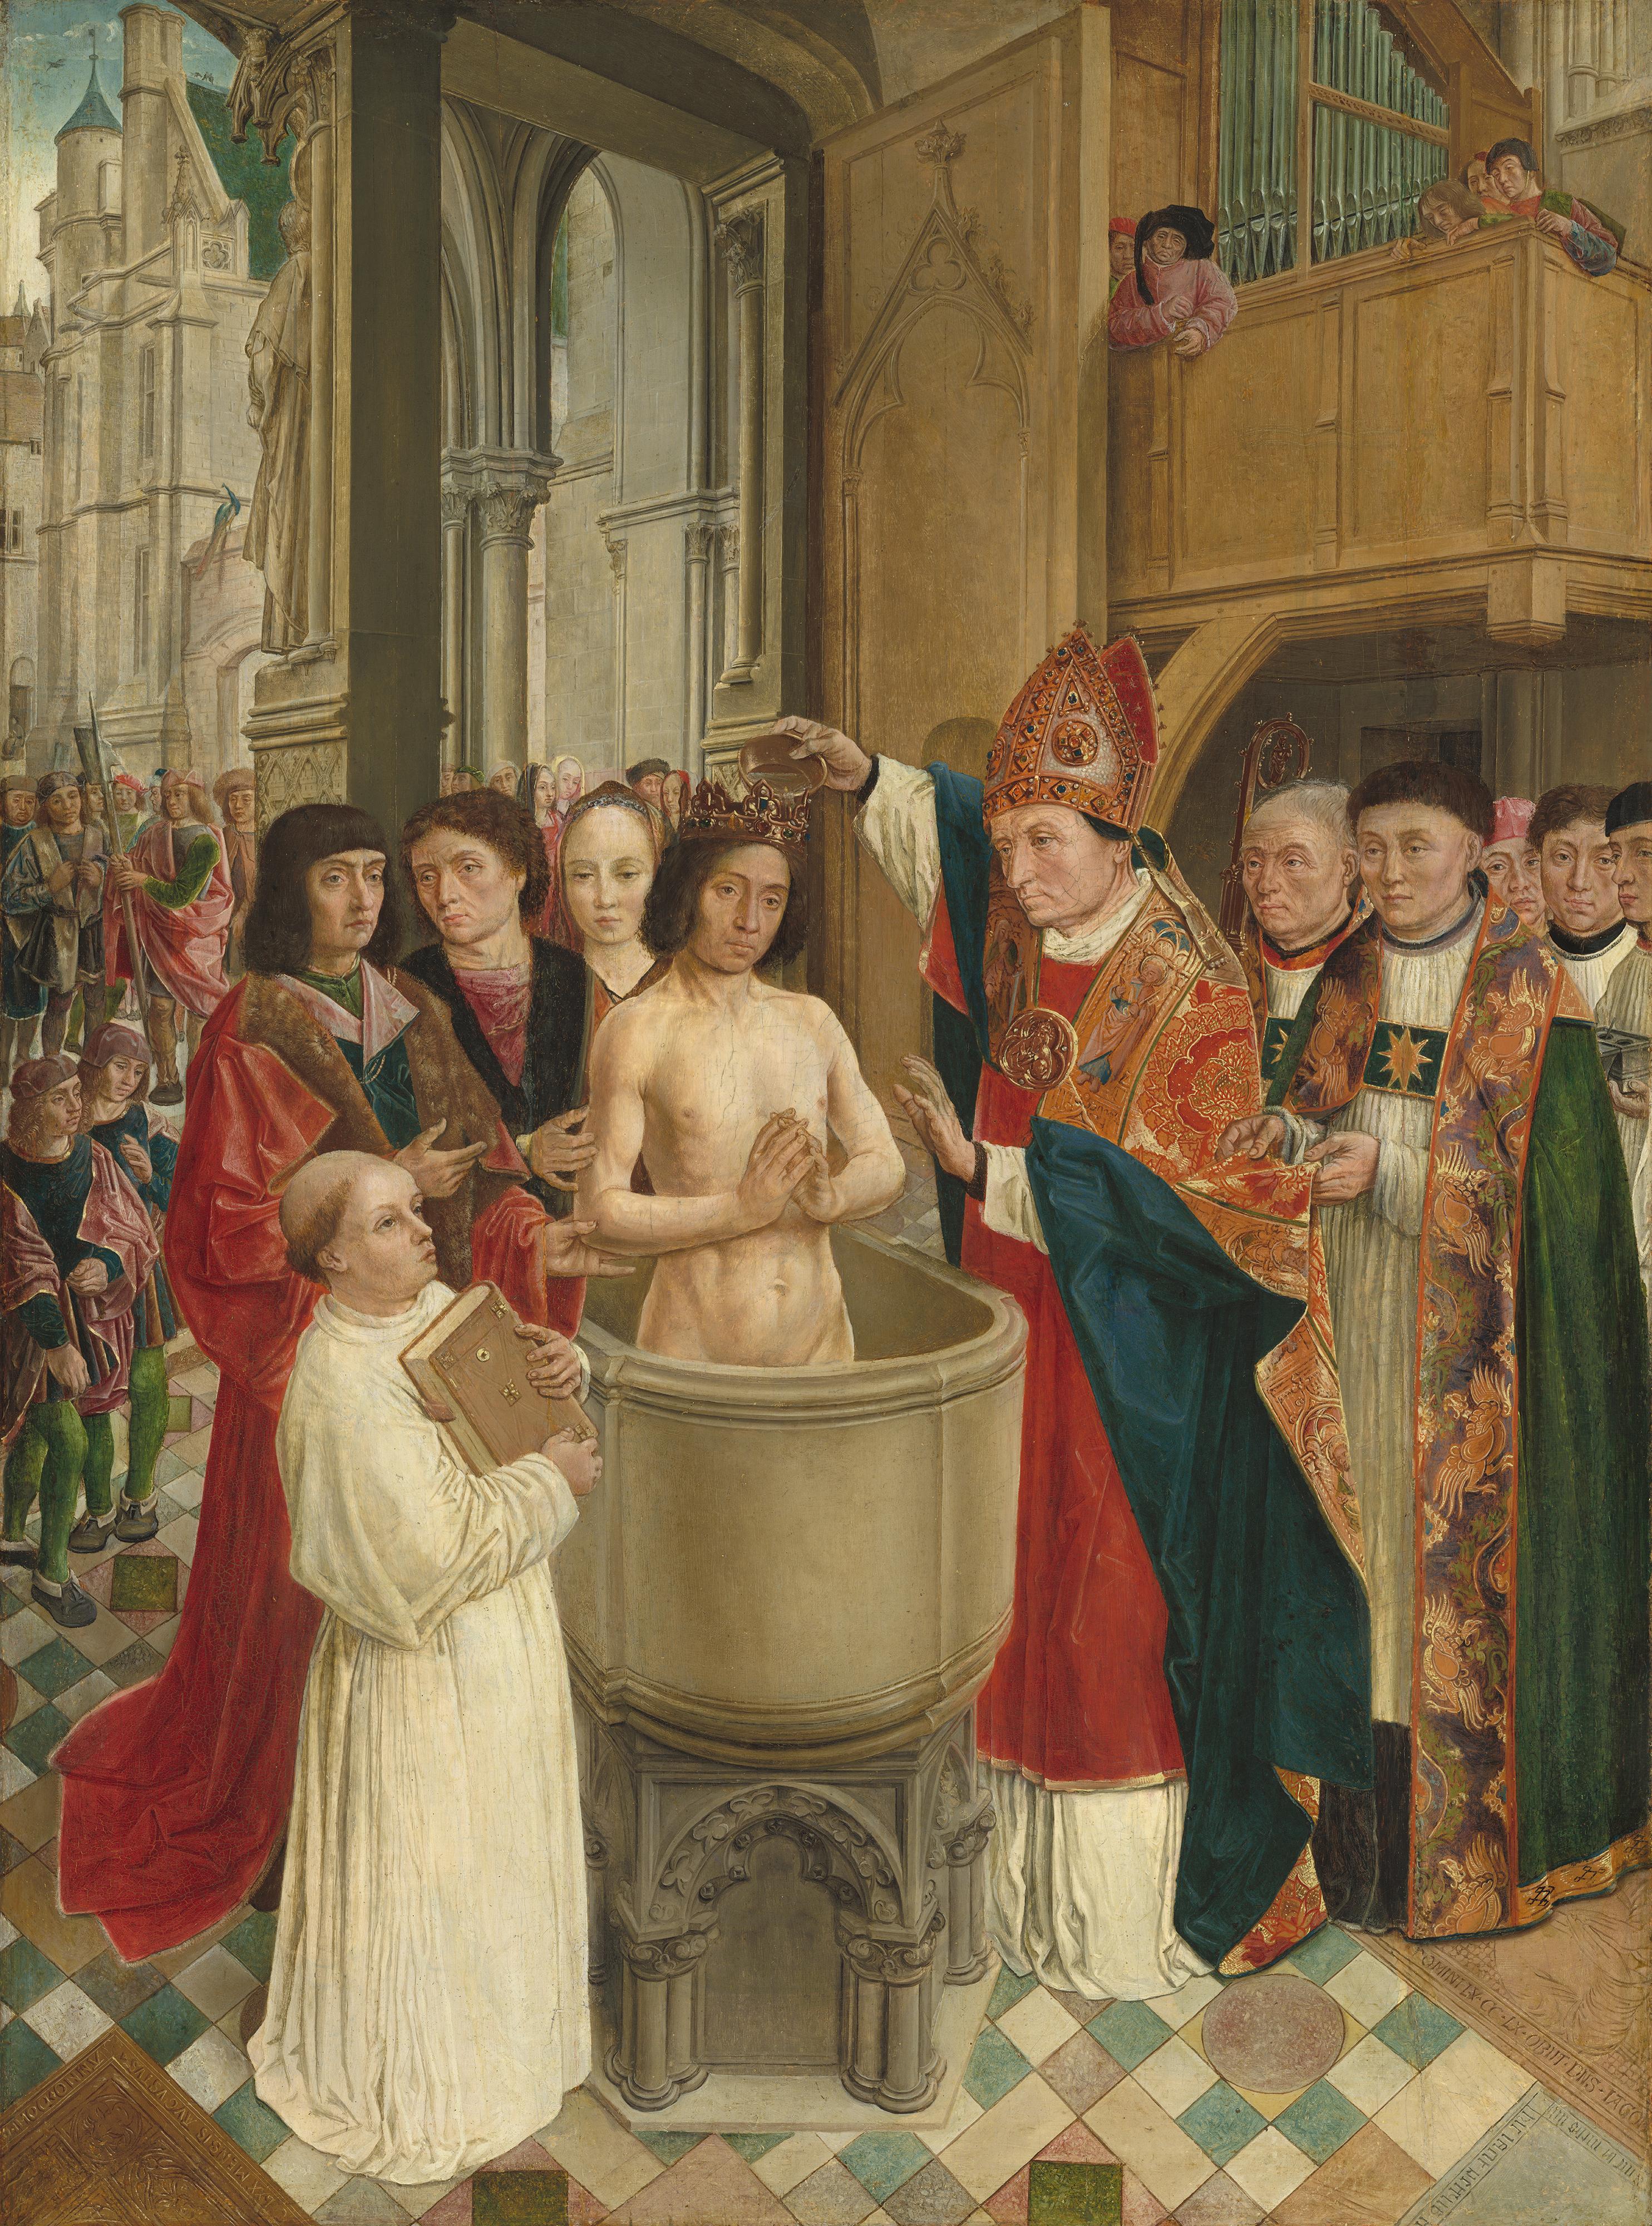 Une représentation artistique du baptême de Clovis, dans la Sainte-Chapelle à Paris.